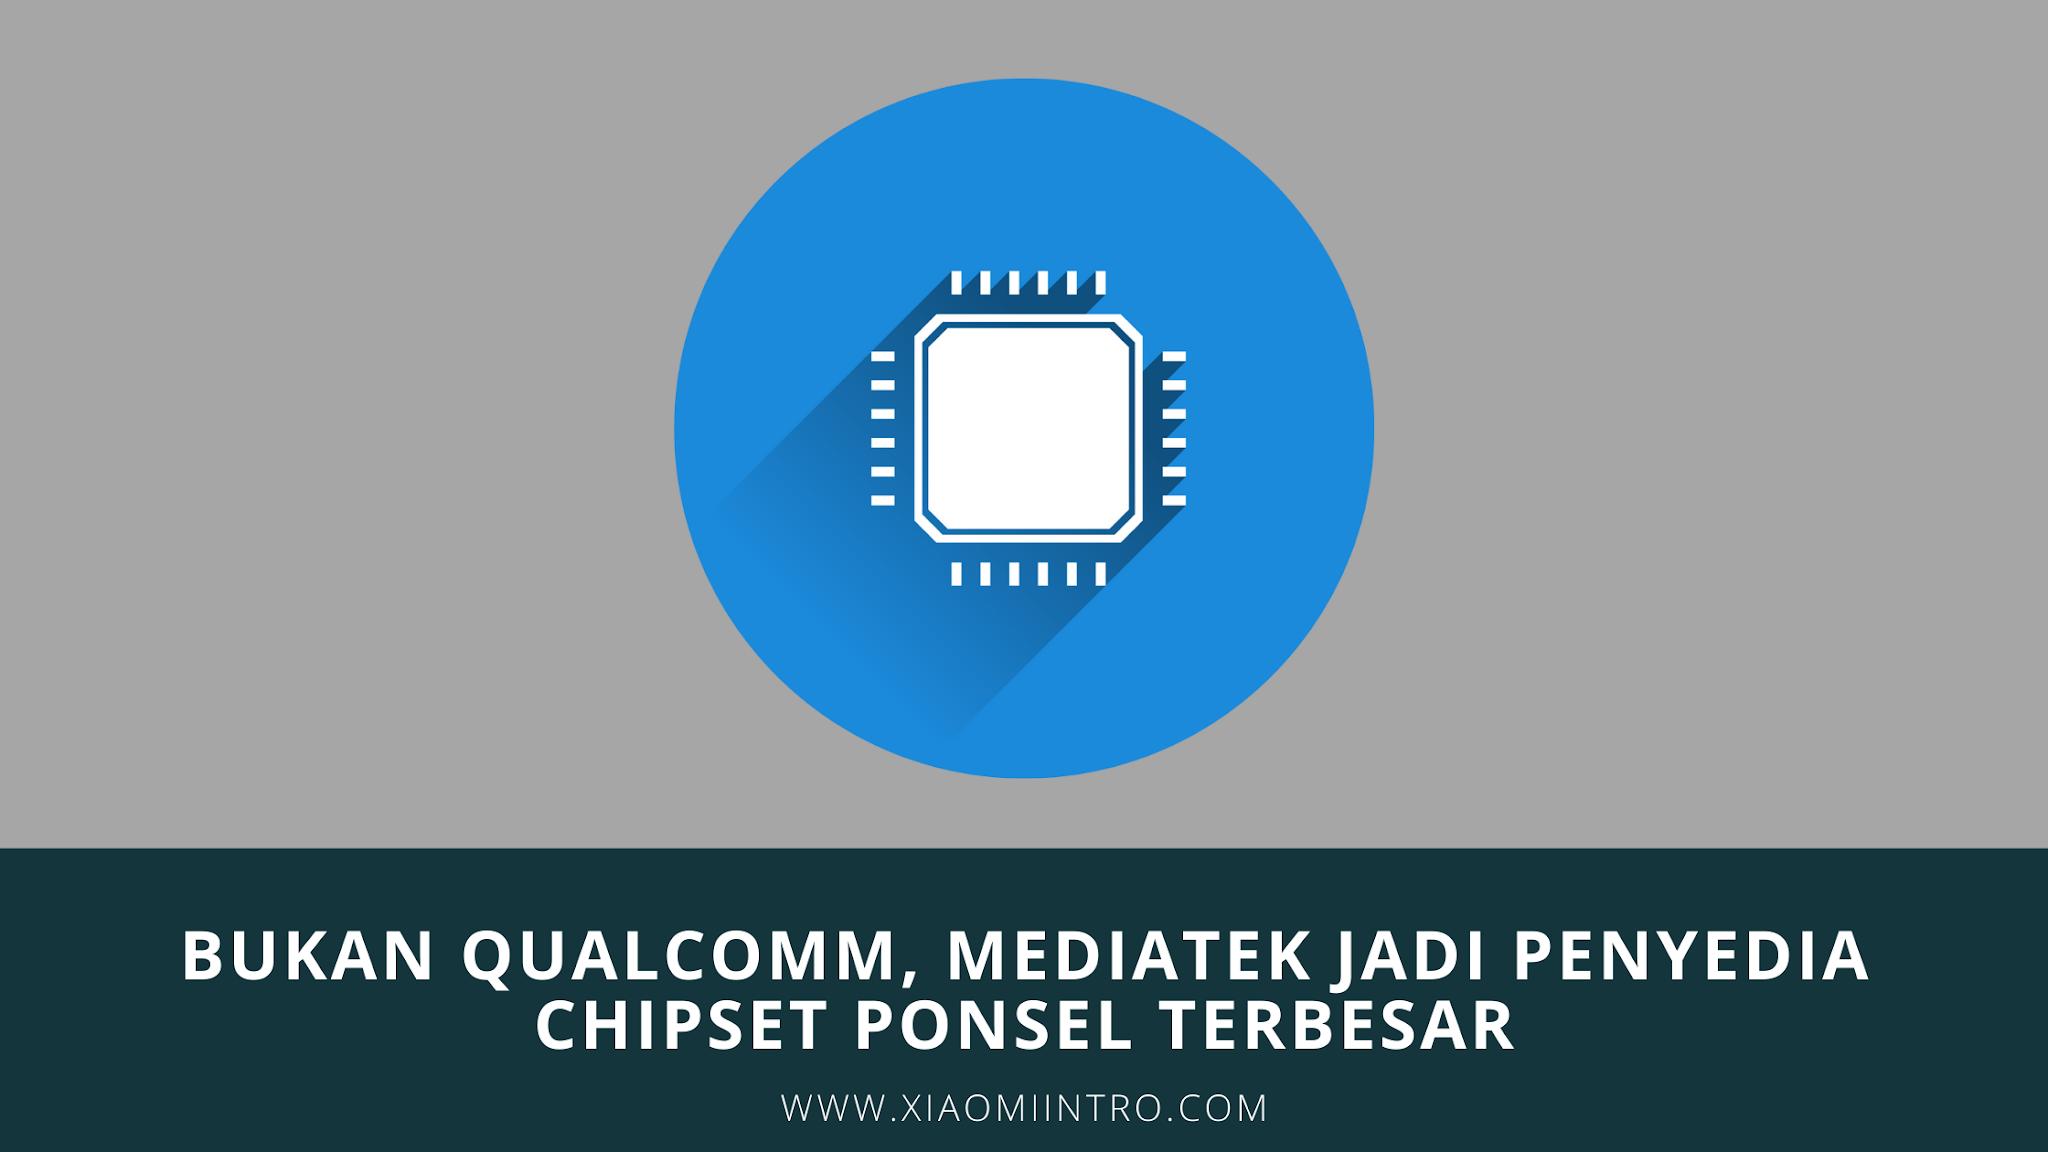 Mediatek Jadi Penyedia Chipset Ponsel Terbesar